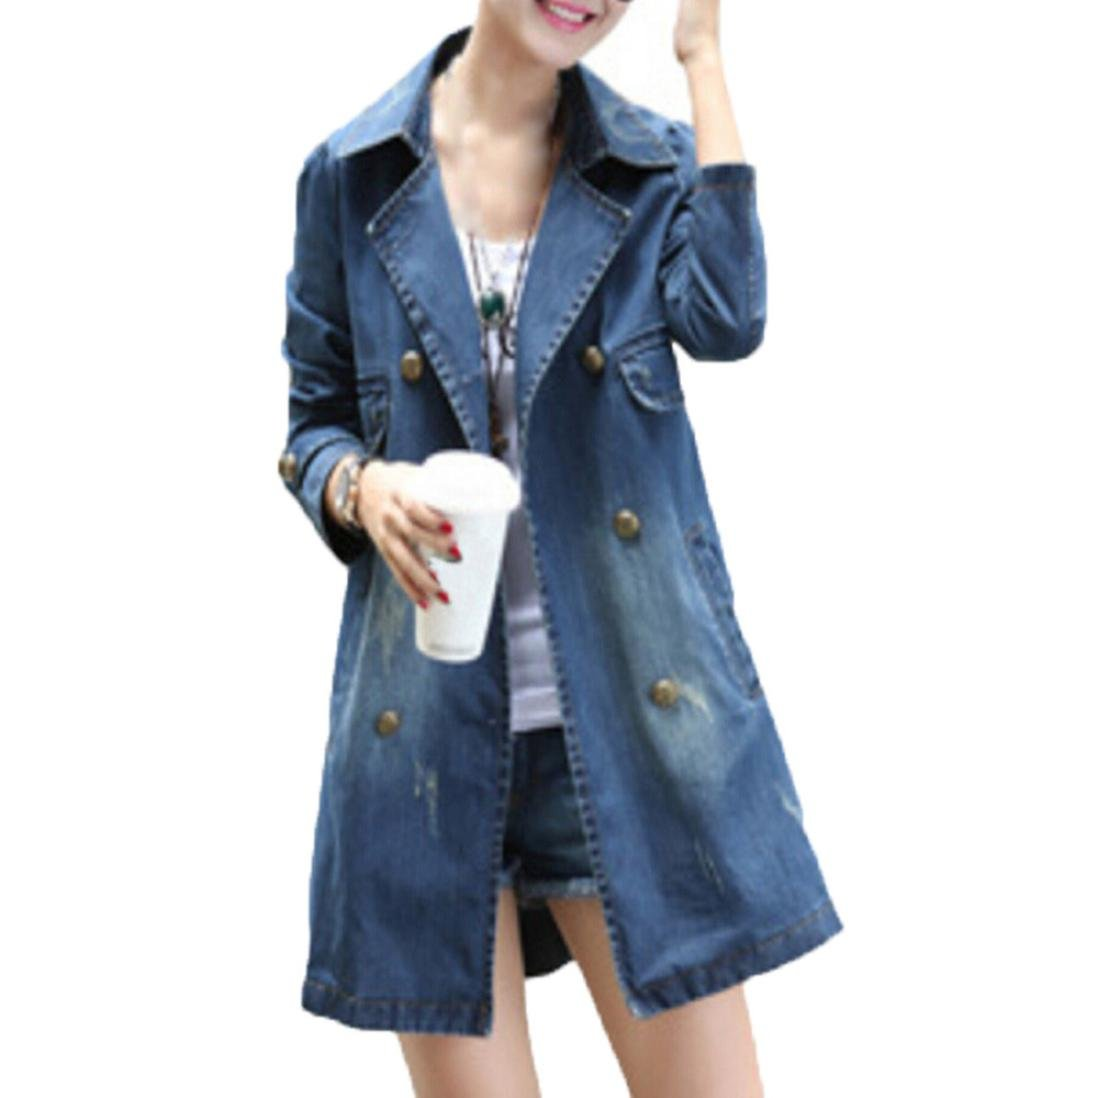 Fheaven Women's Coat Casual Long Sleeve Denim Jacket Doblue Bottun Long Jean Outwear Overcoat (XL, Blue)